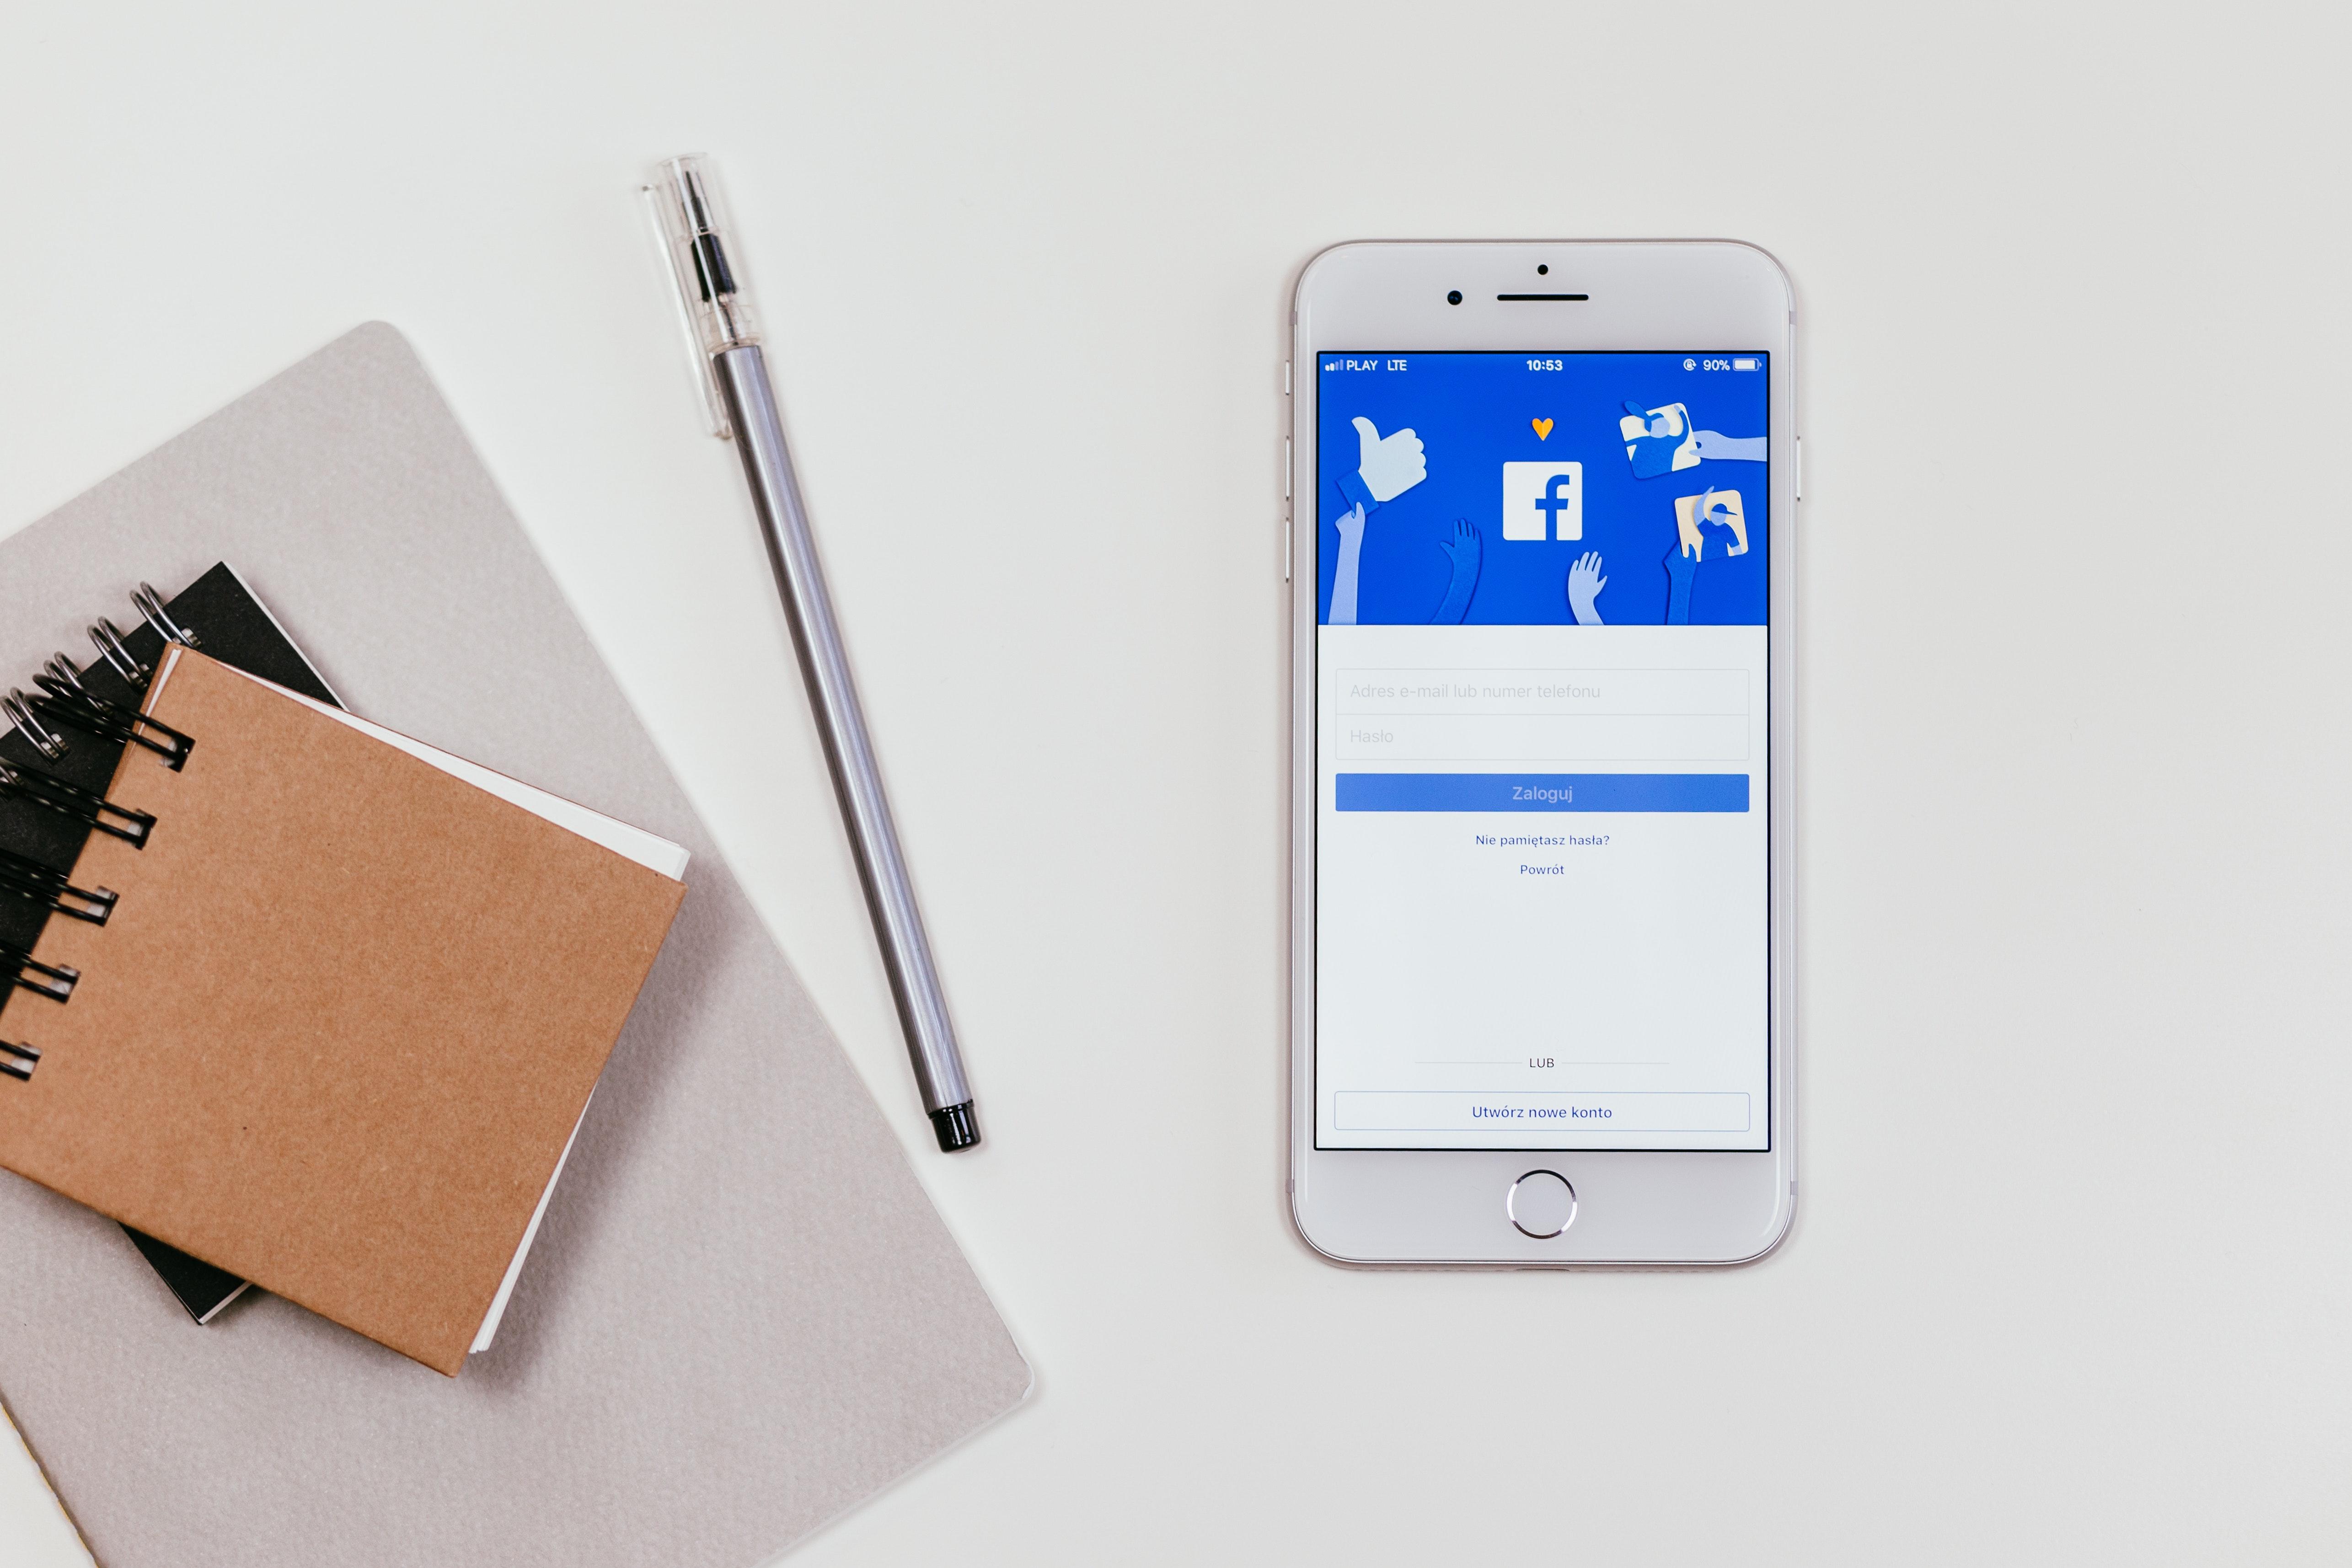 ¿Piensas hacer publicidad en Facebook estando en Bolivia?